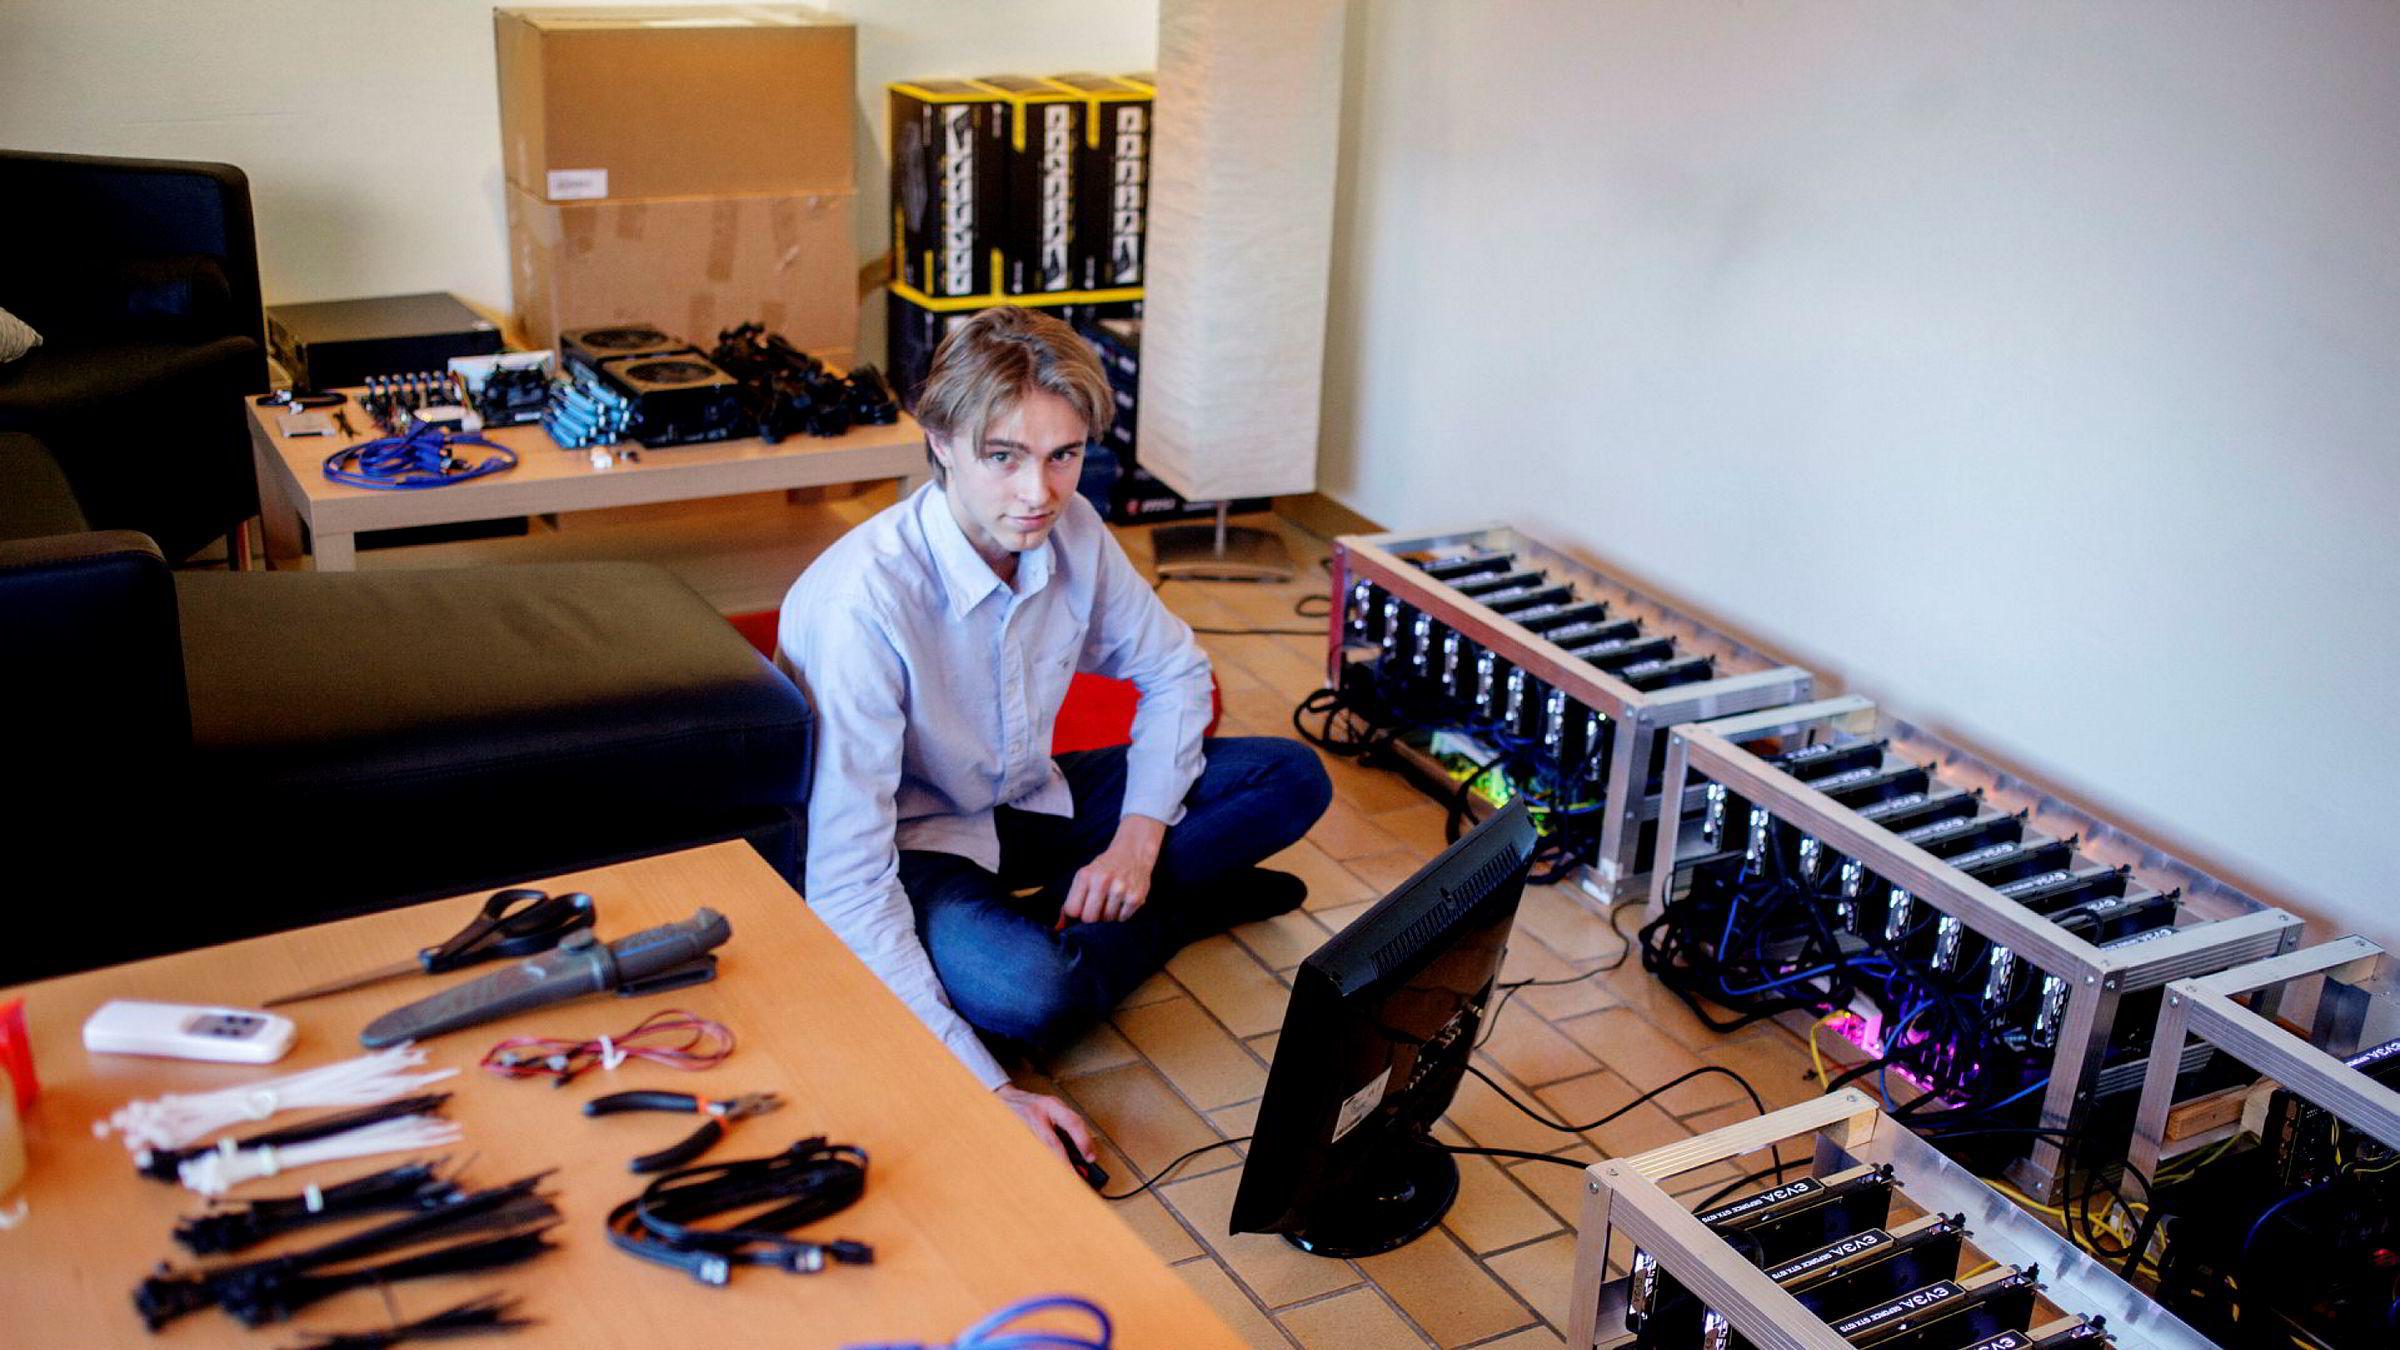 Oskar Andreas Berg begynte å «mine» kryptovaluta i februar i år. Nå tjener han rundt 50.000 i måneden bare på å «mine».